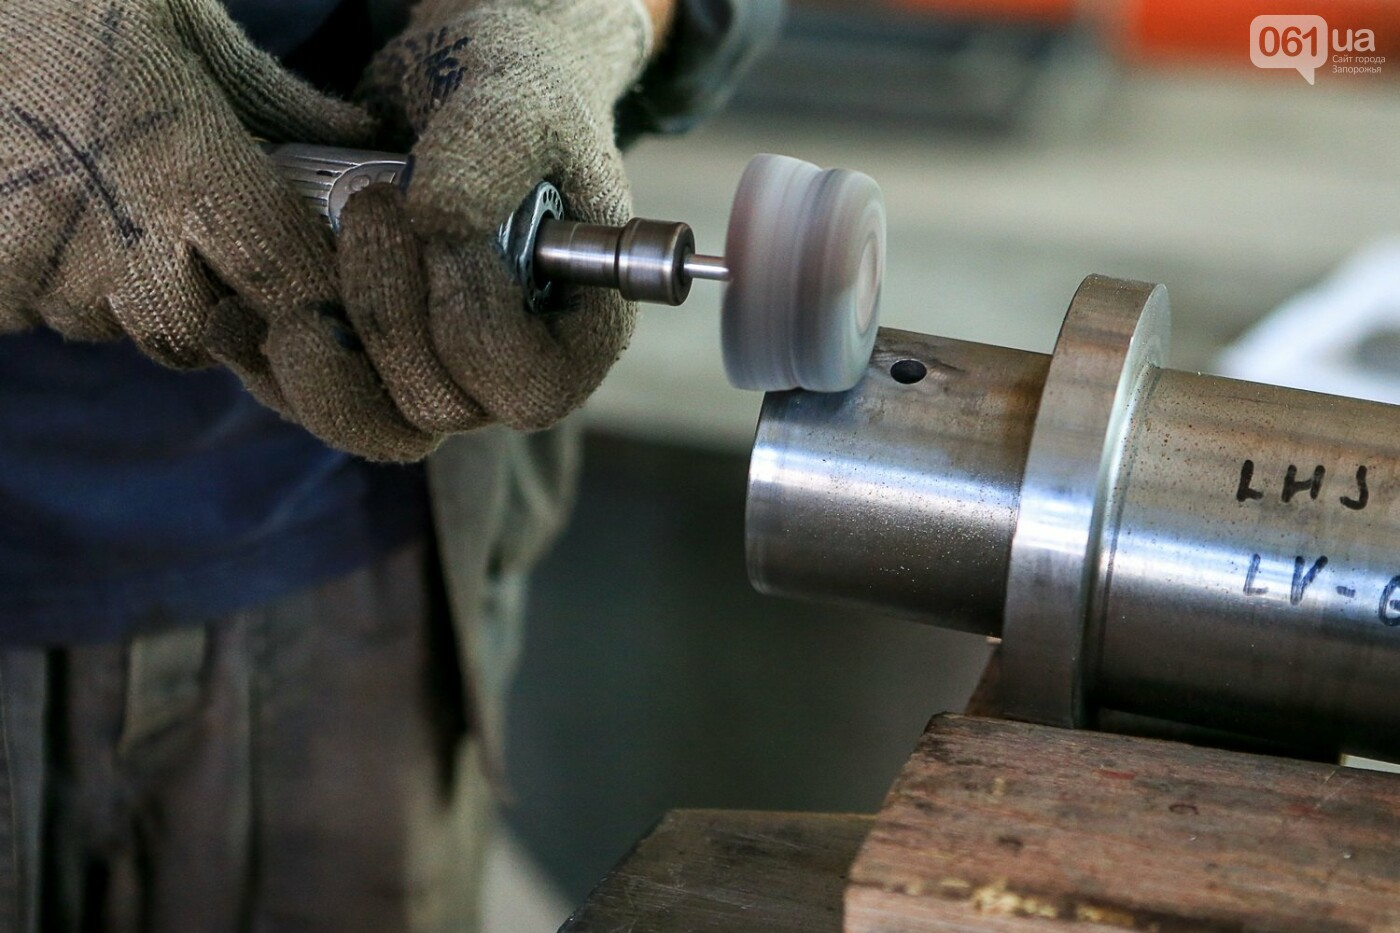 Как в Запорожье работает крупнейший в Европе завод по производству кранов: экскурсия на производство, — ФОТОРЕПОРТАЖ, фото-45